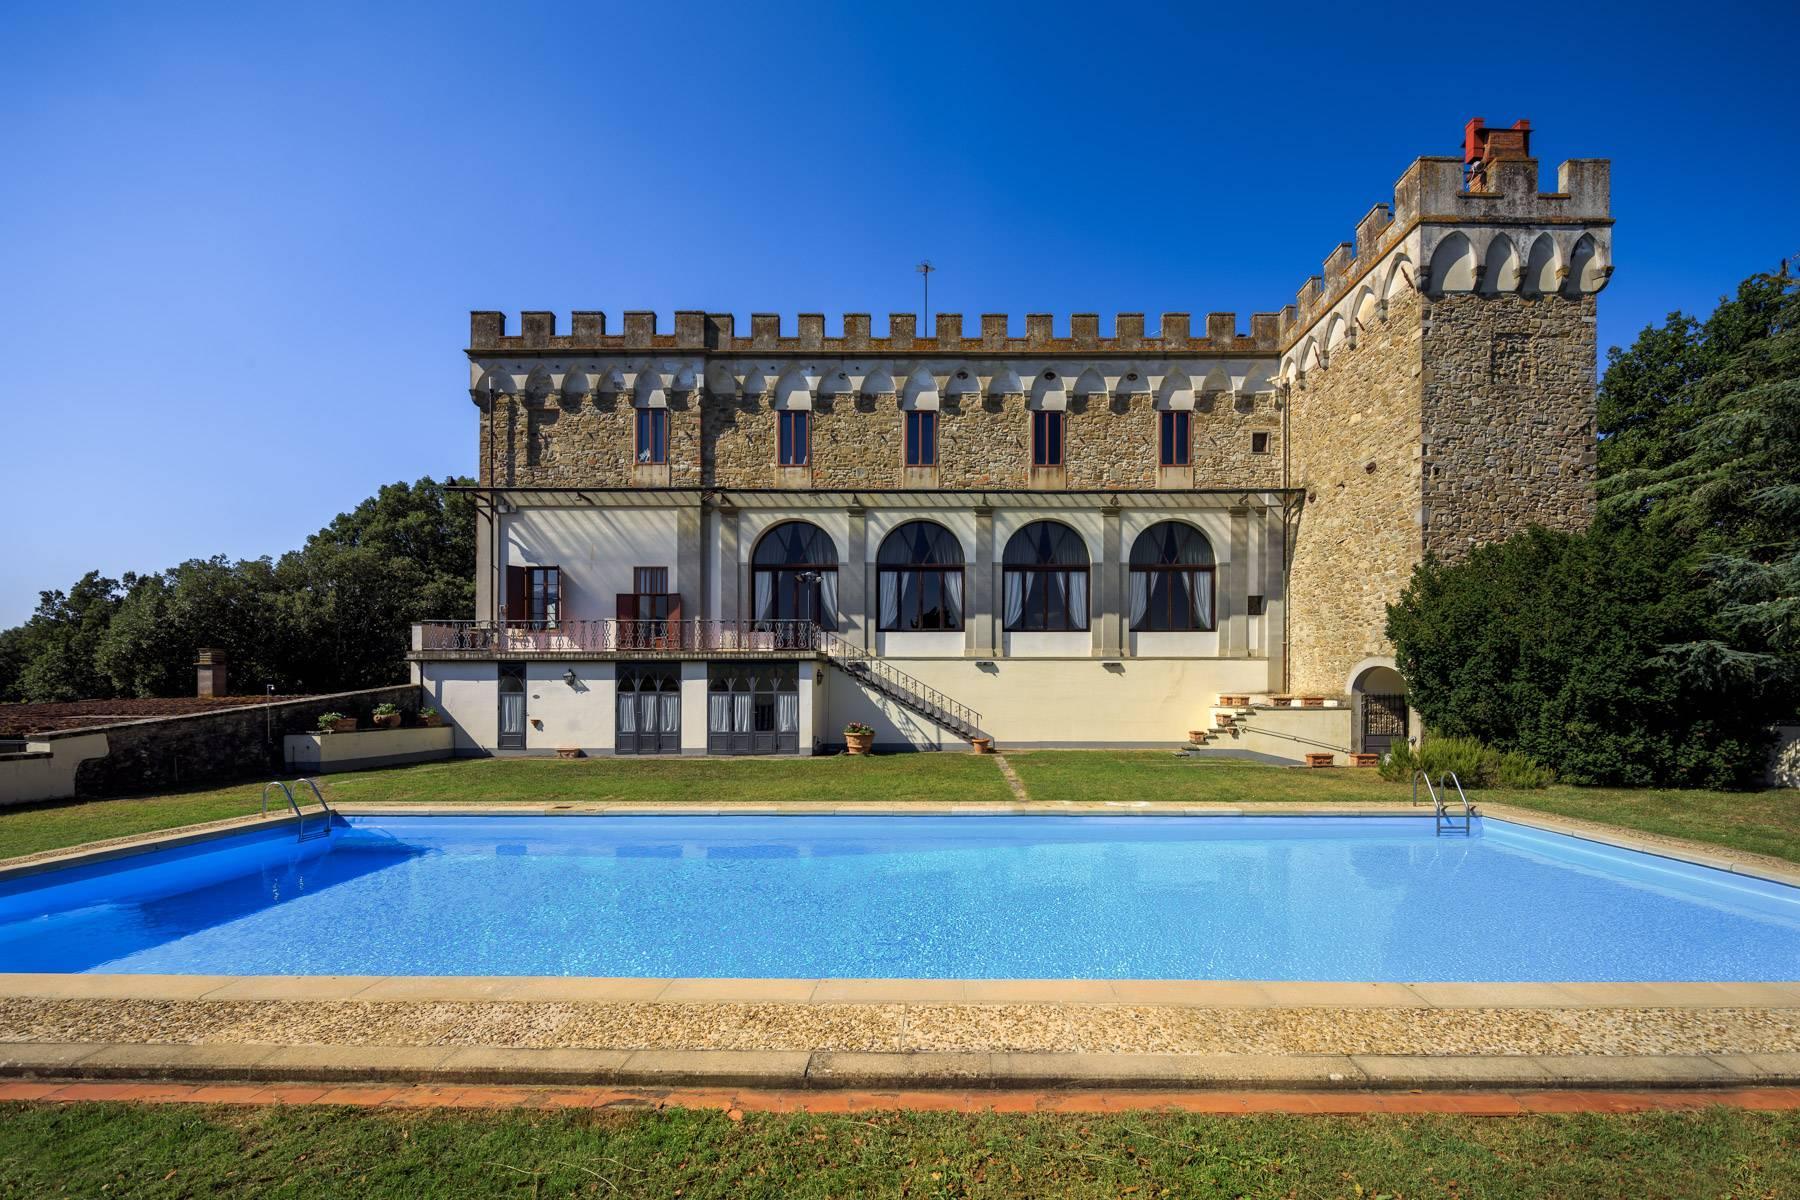 Château de prestige sur les collines florentines - 3